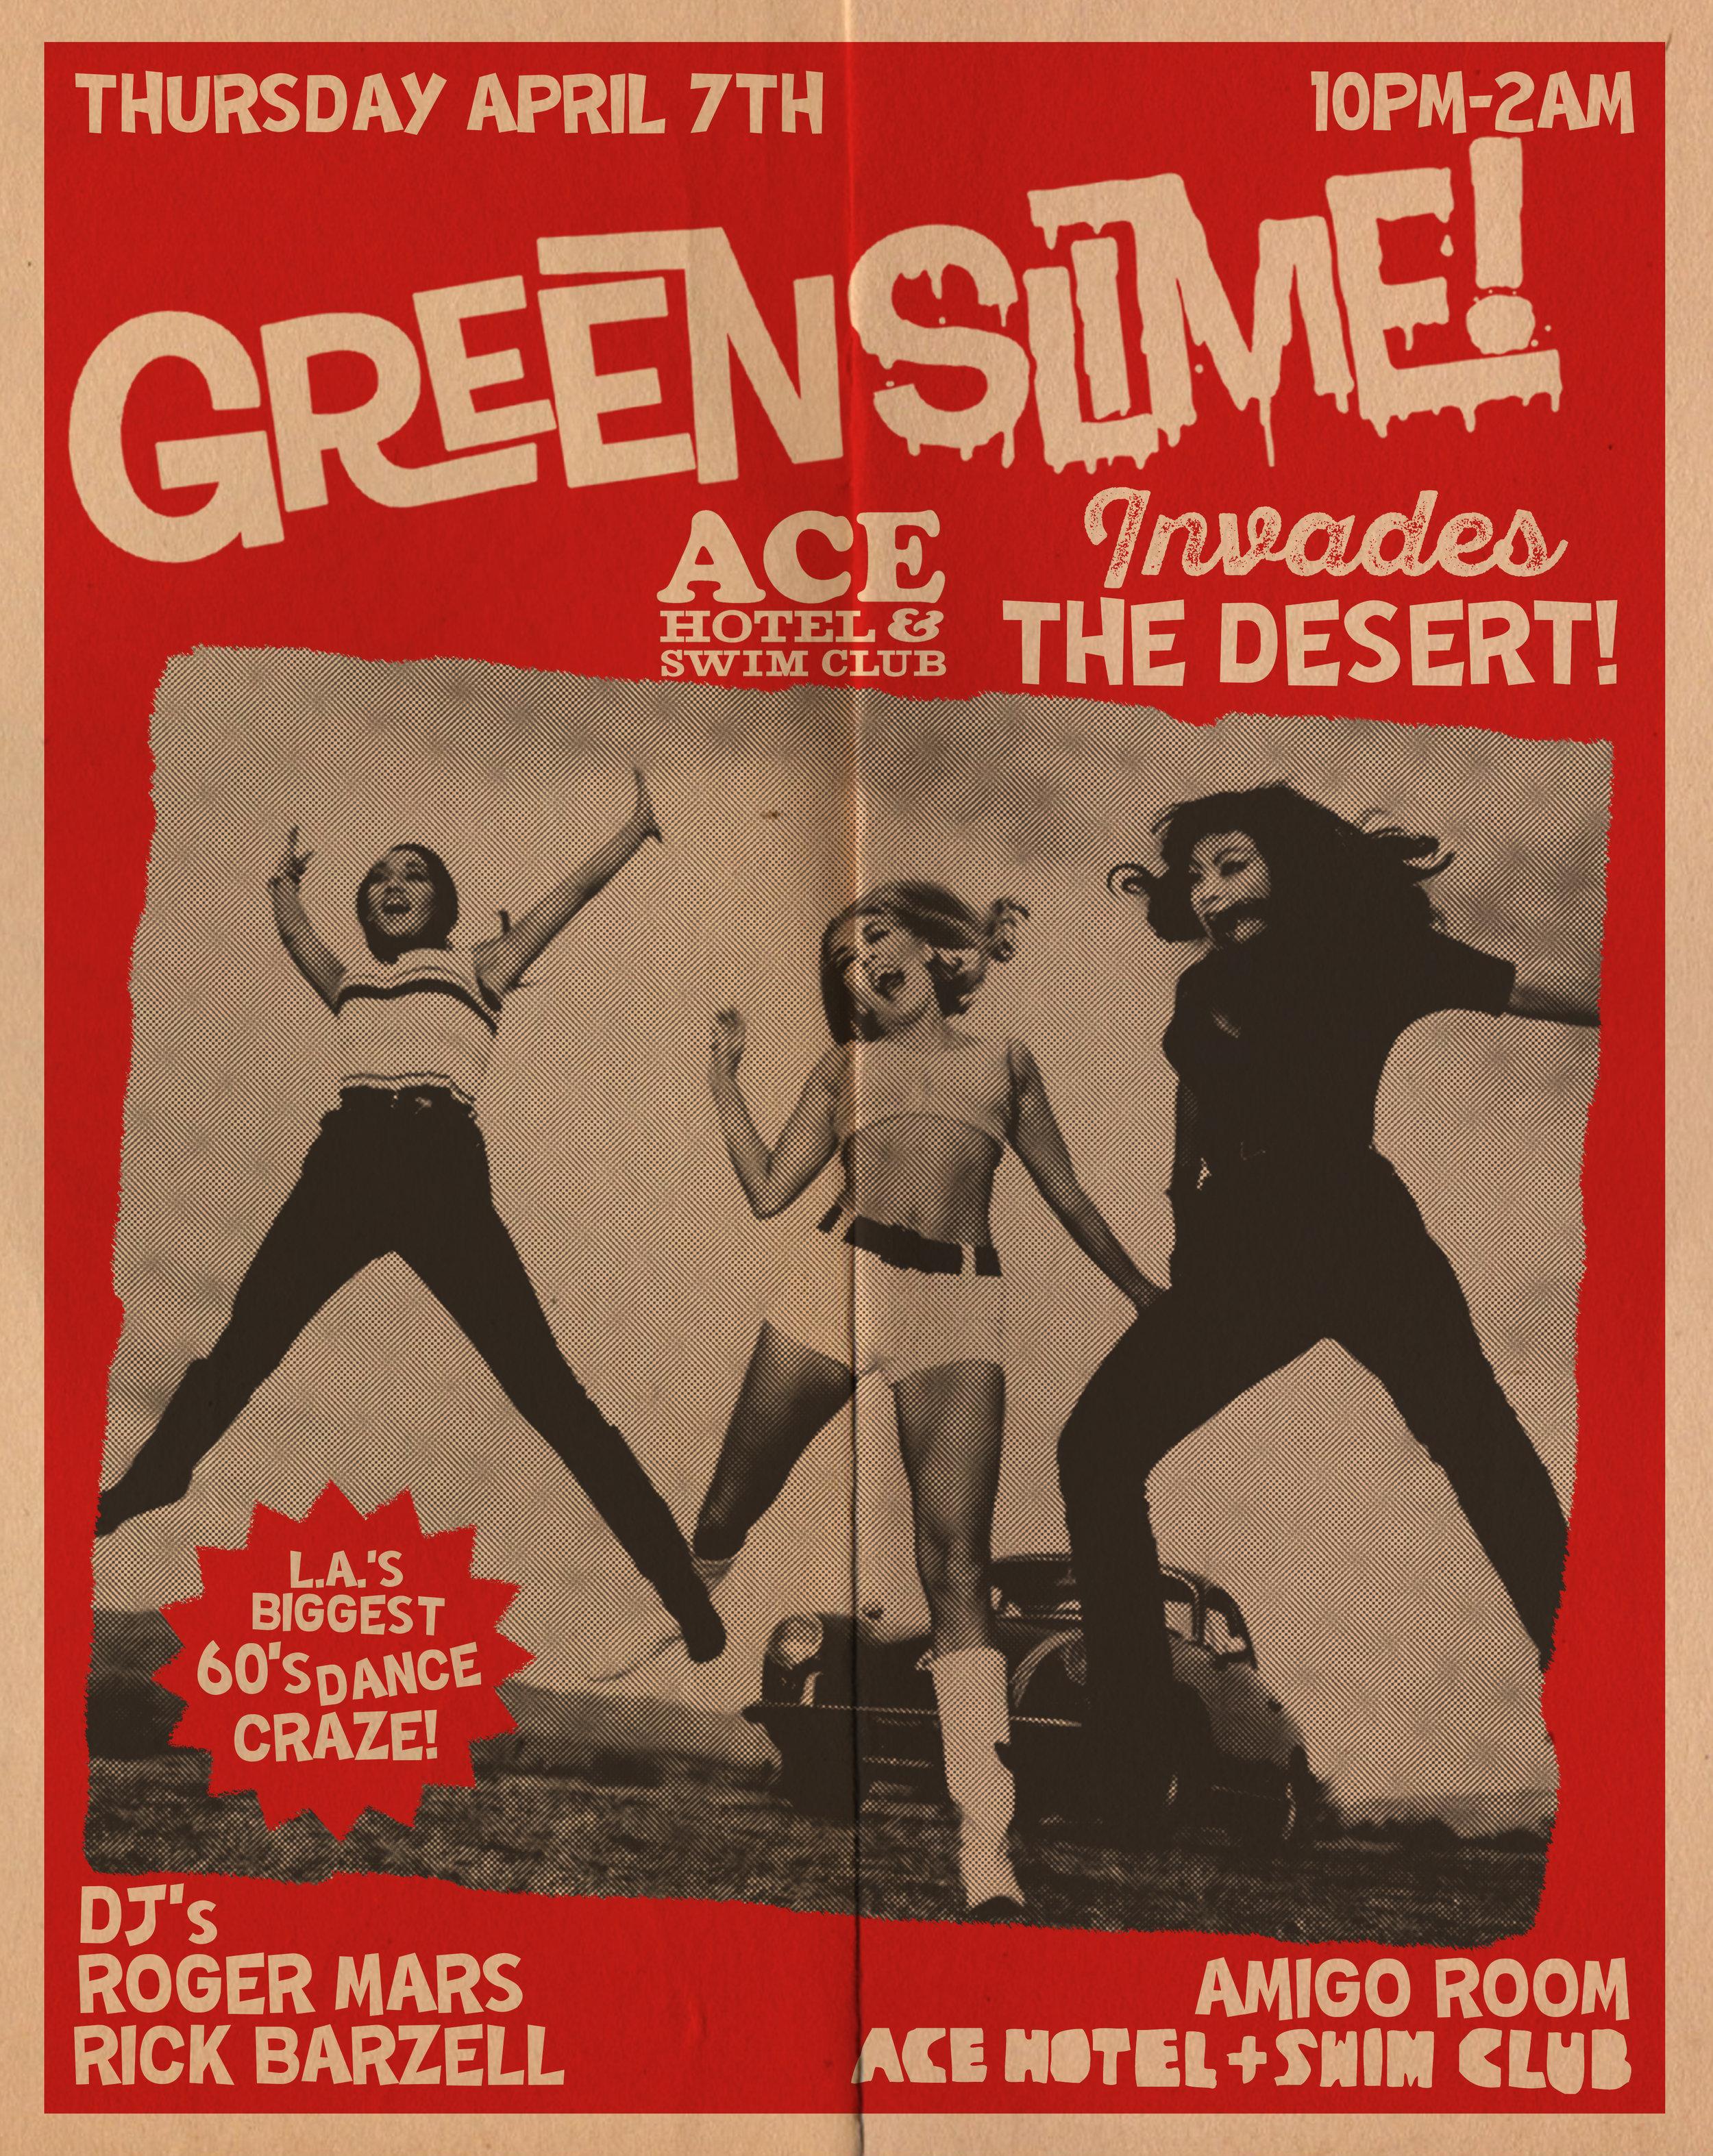 GREEN SLIME ACE FULL.jpg